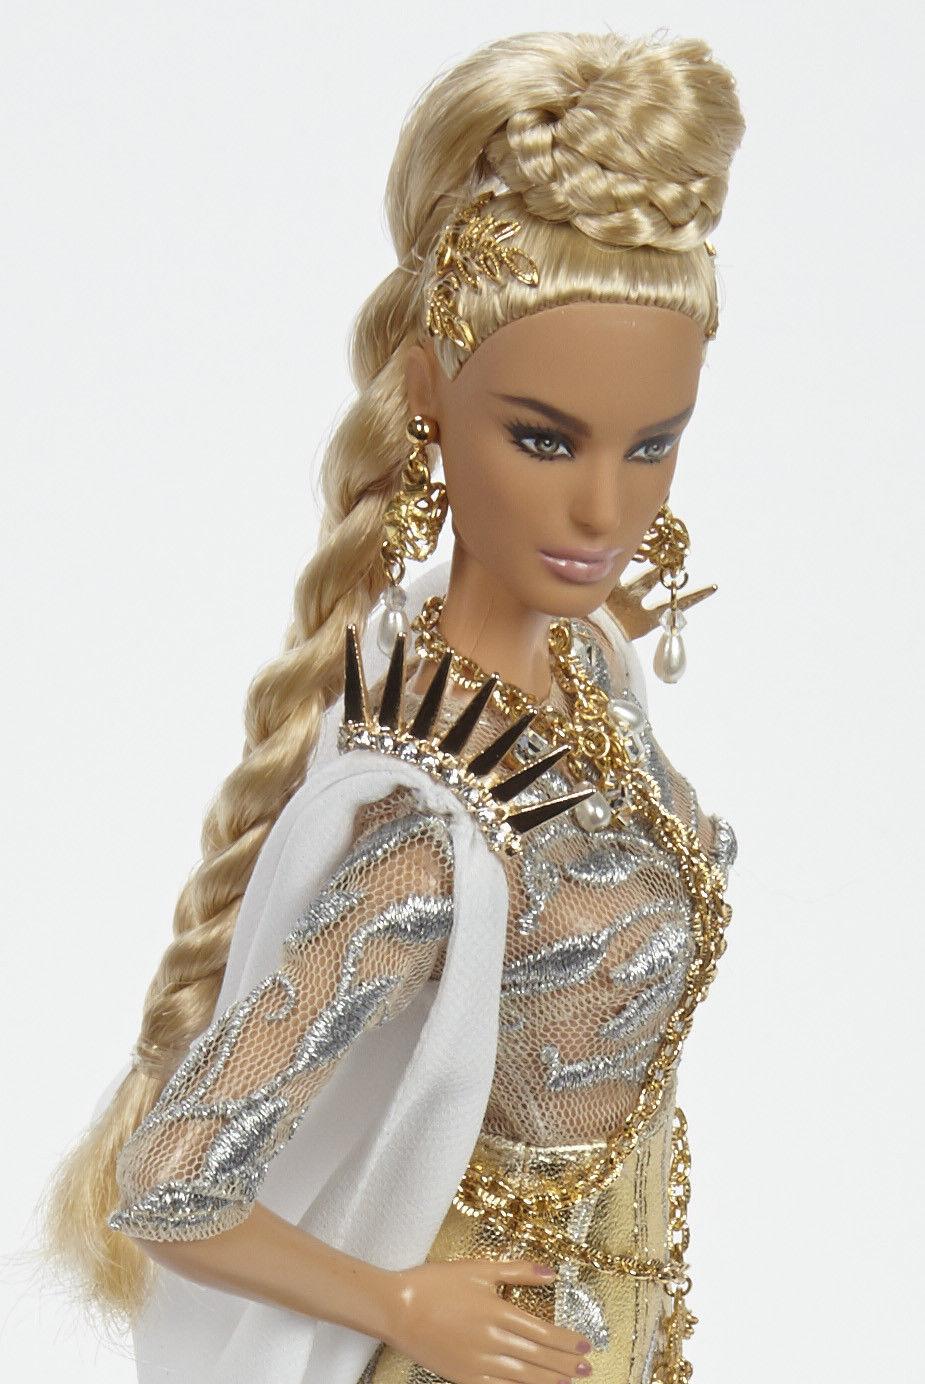 Barbie as Diana OOAK 1